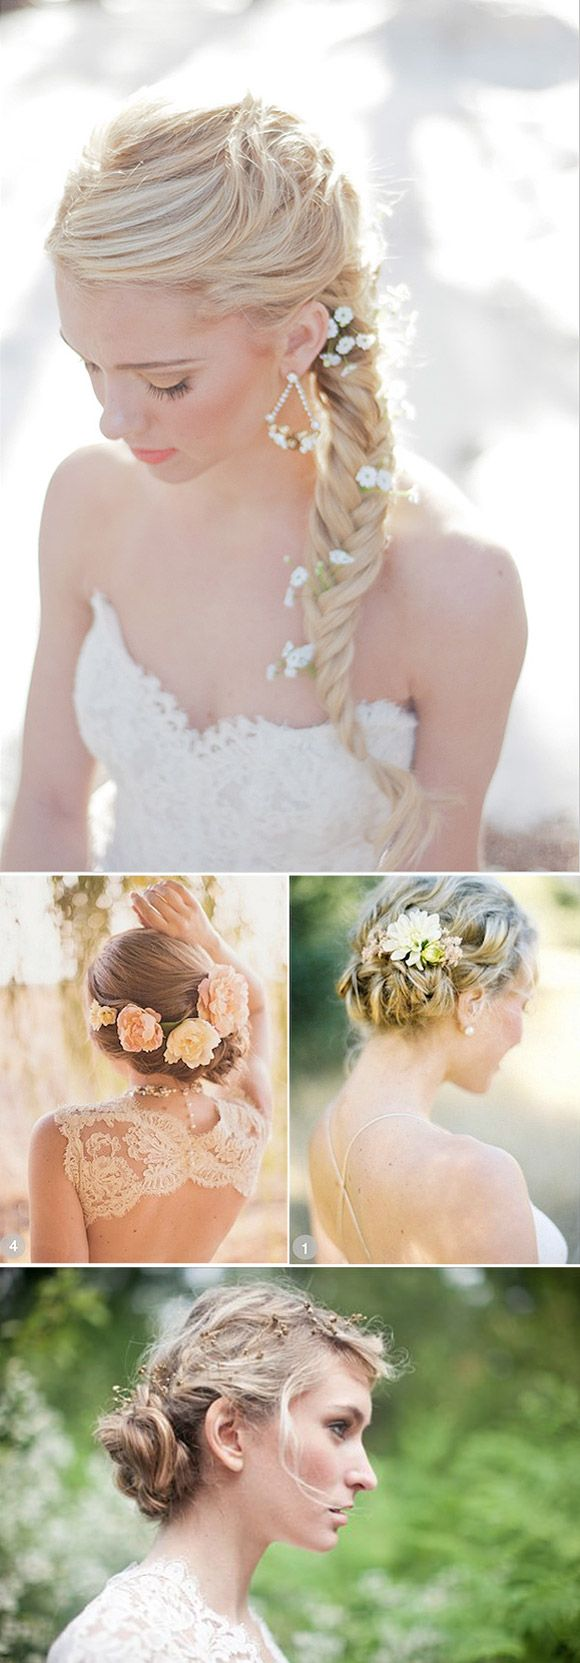 Recogidos para novias con flores naturales en el pelo. Romantic wedding hairstyles.